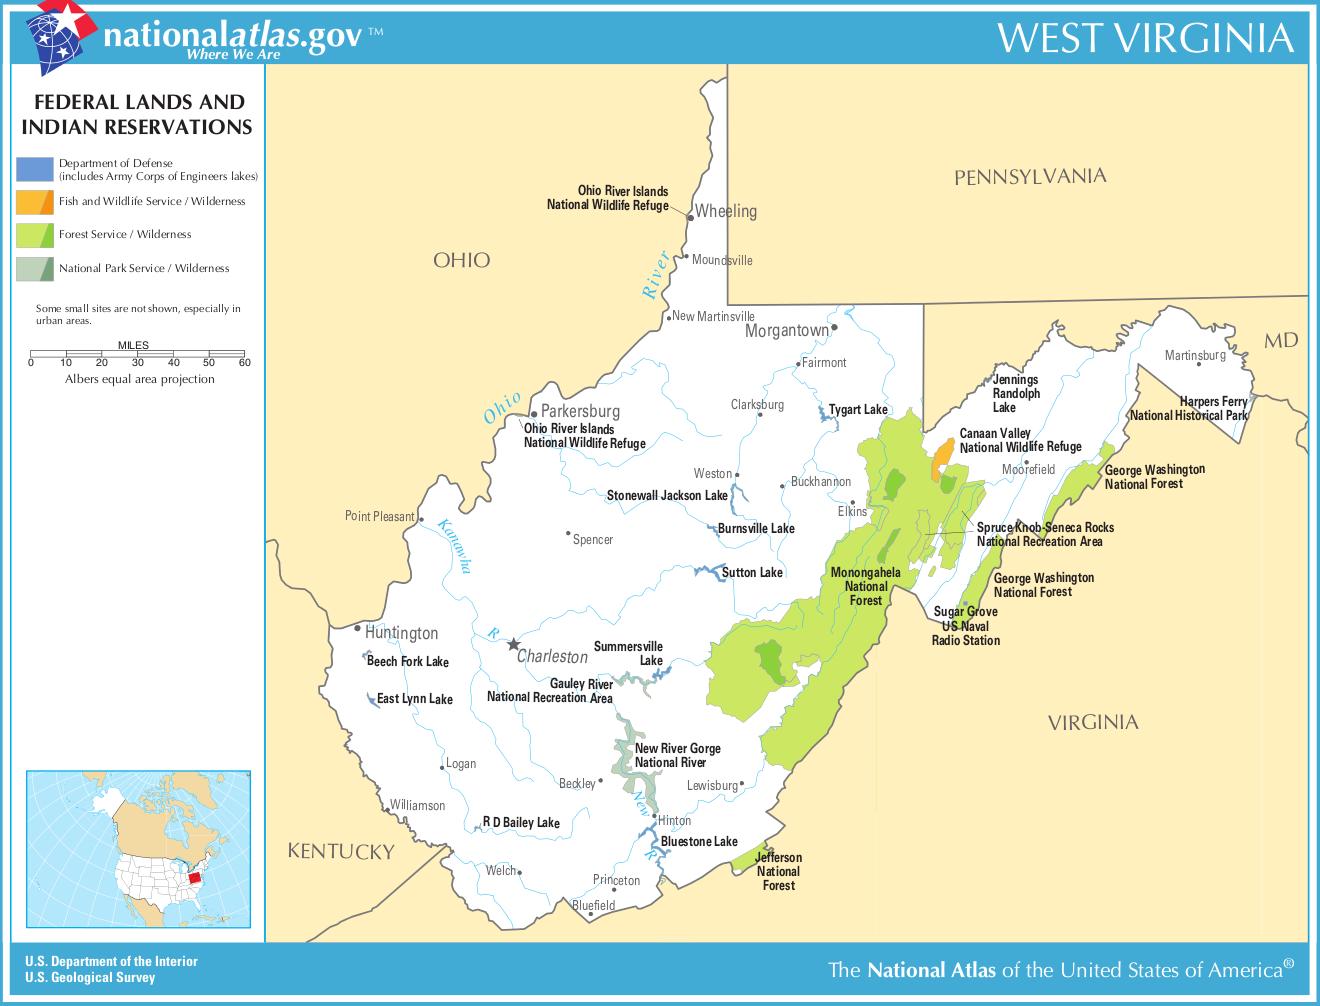 West-Virginia-federal-lands-indian-reservations-map   Weltatlas